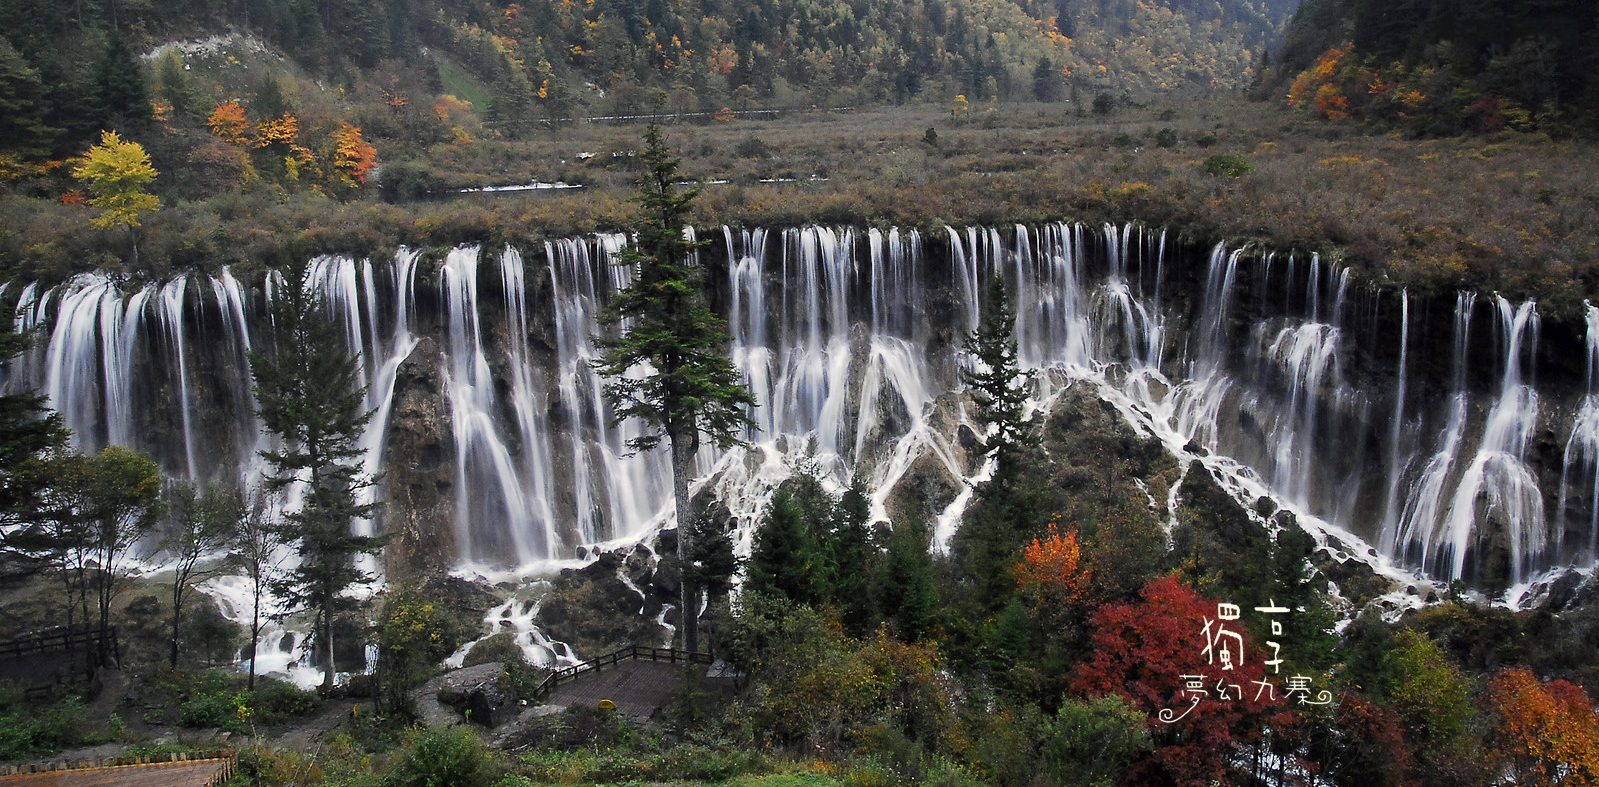 桌布下載: 中國四川省九寨溝諾日朗瀑布